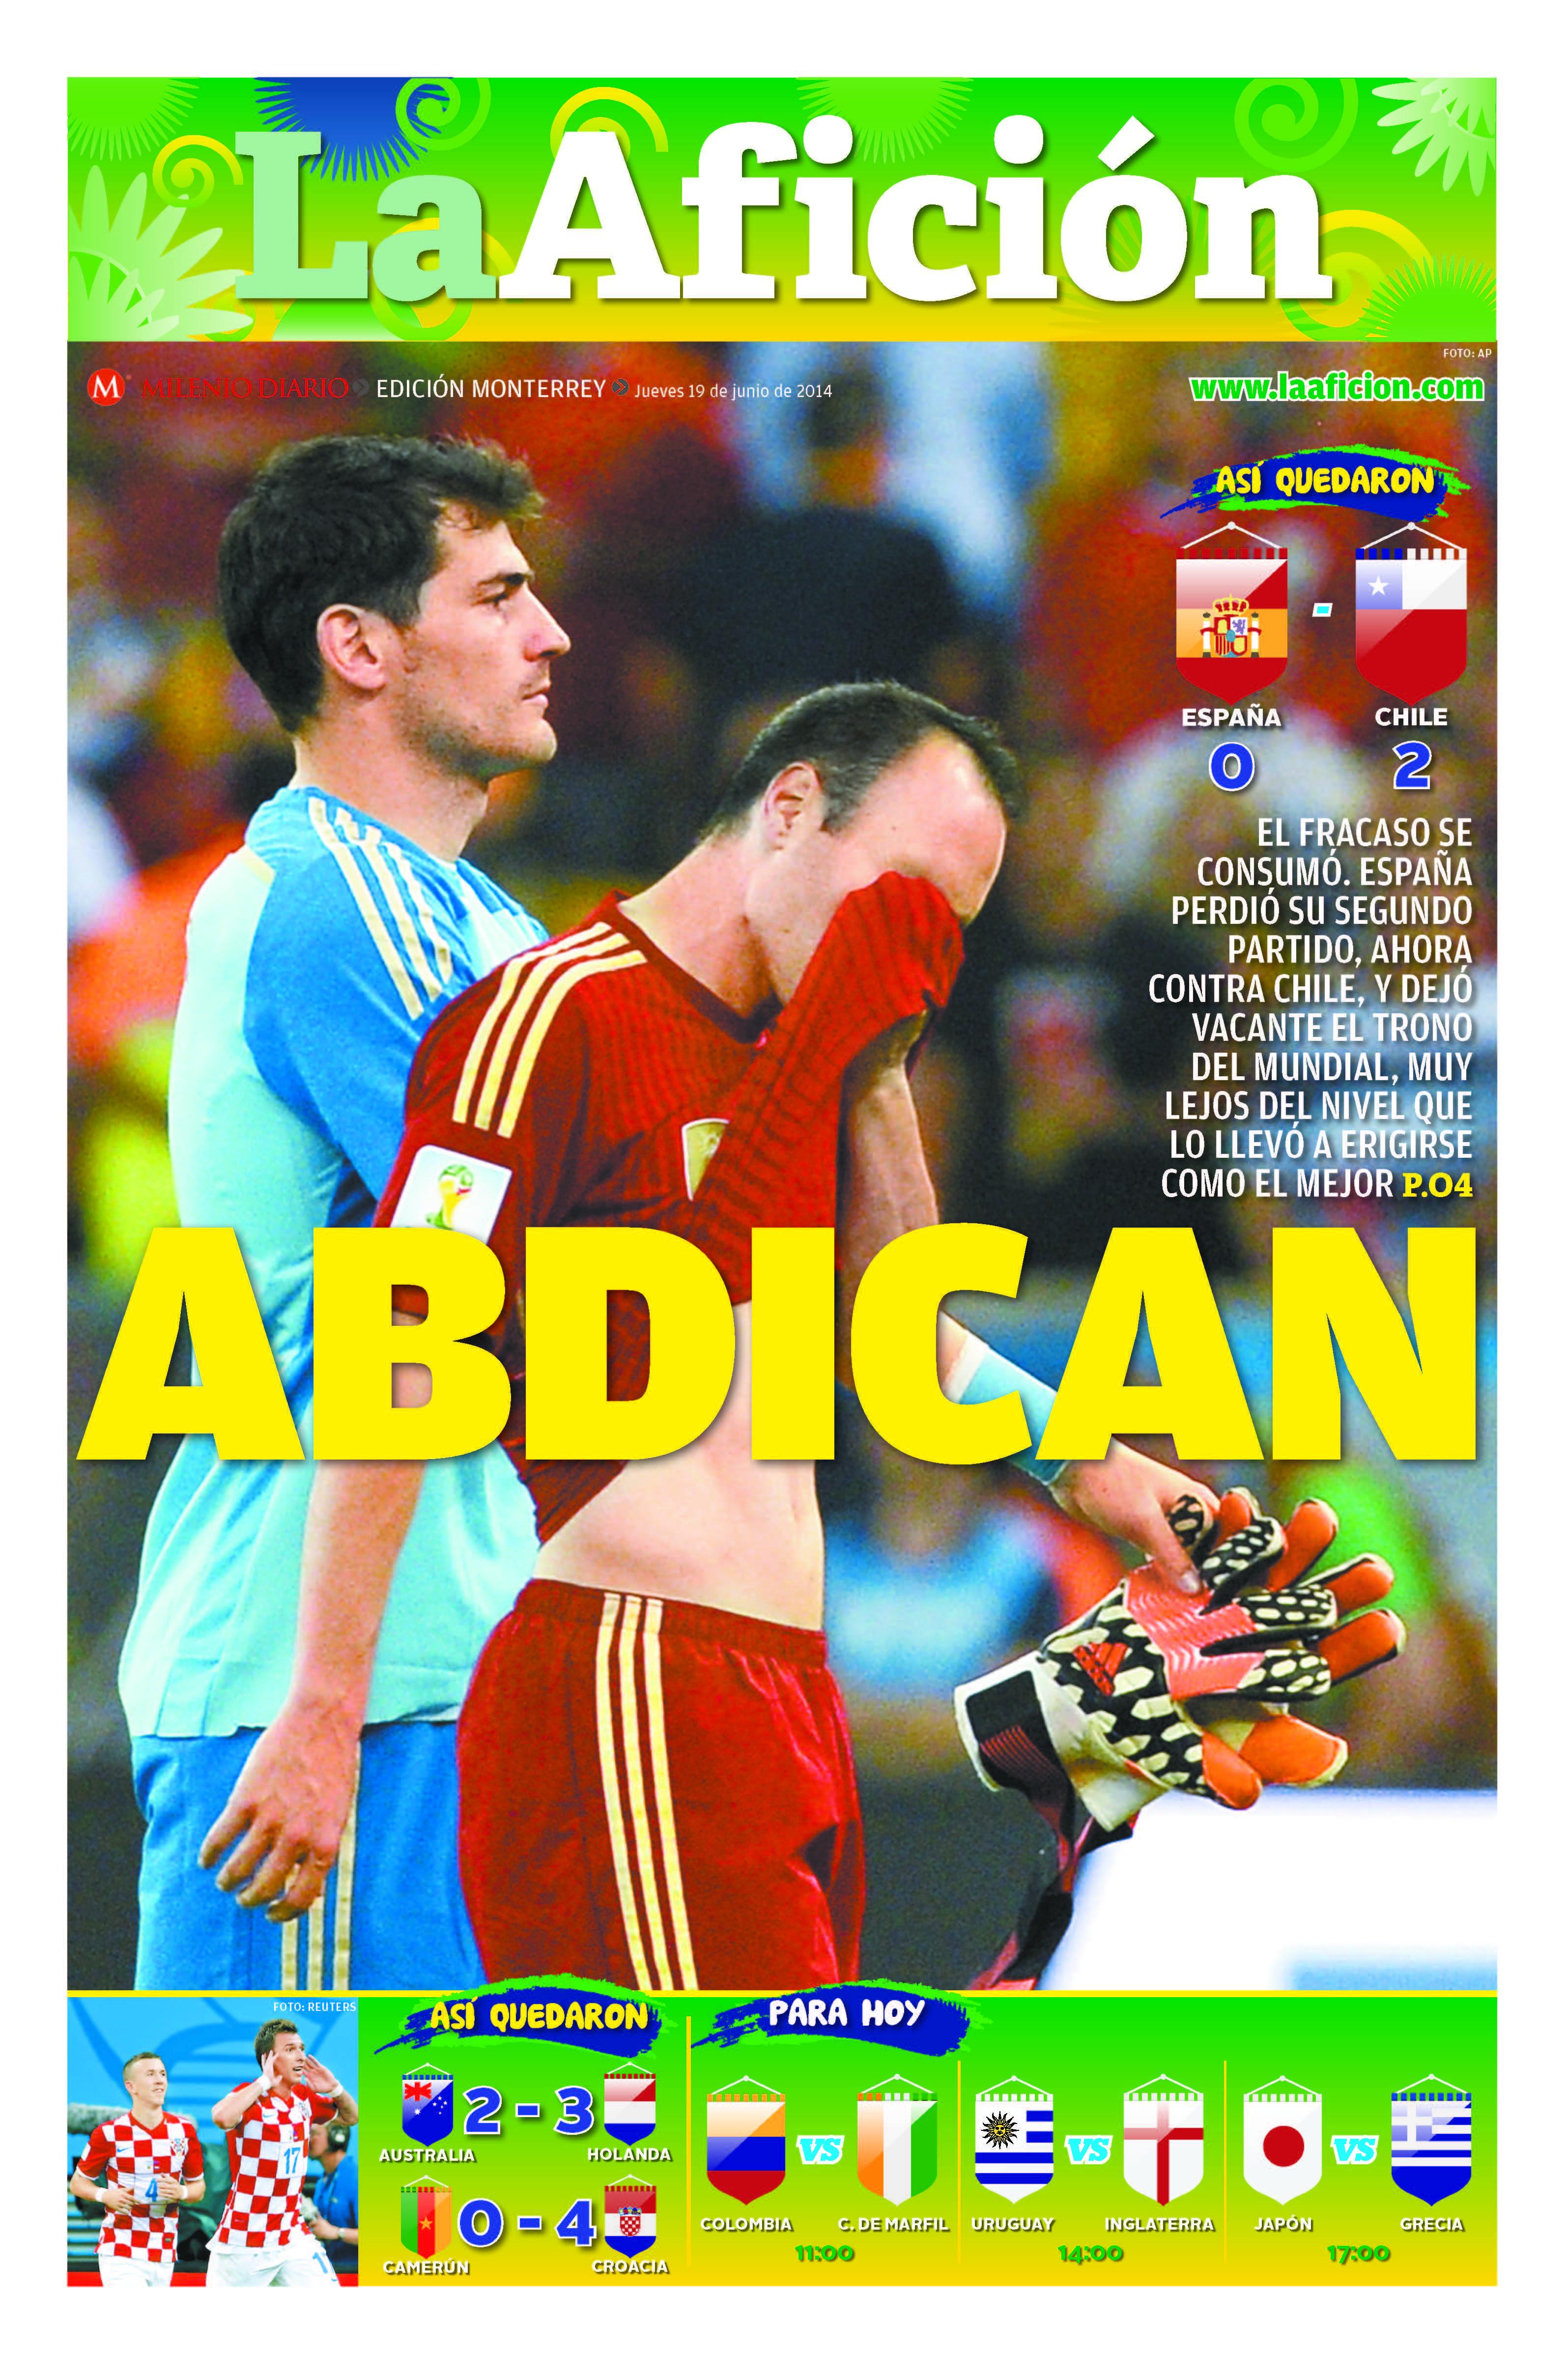 Portada La Afición Monterrey 19/06/14 | ABDICAN